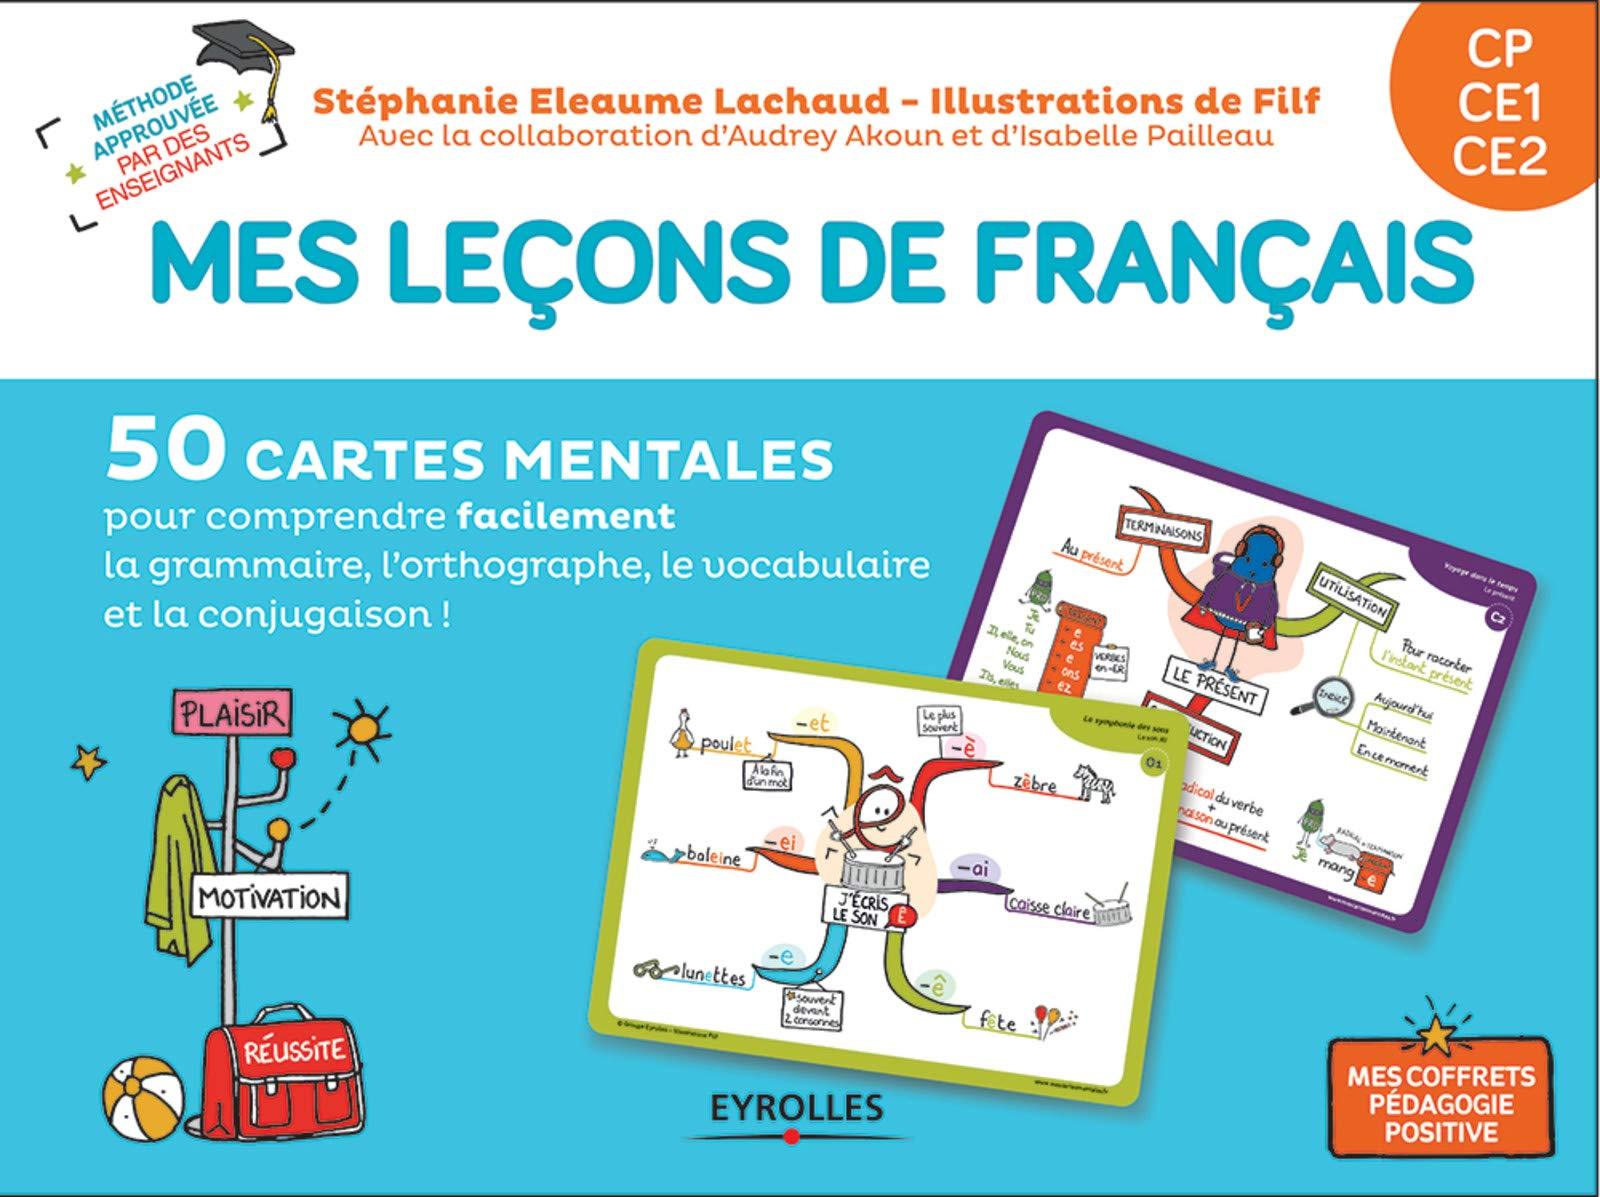 Carte Mentale Accord Adjectif De Couleur.Mes Lecons De Francais Cp Ce1 Ce2 50 Cartes Mentales Pour